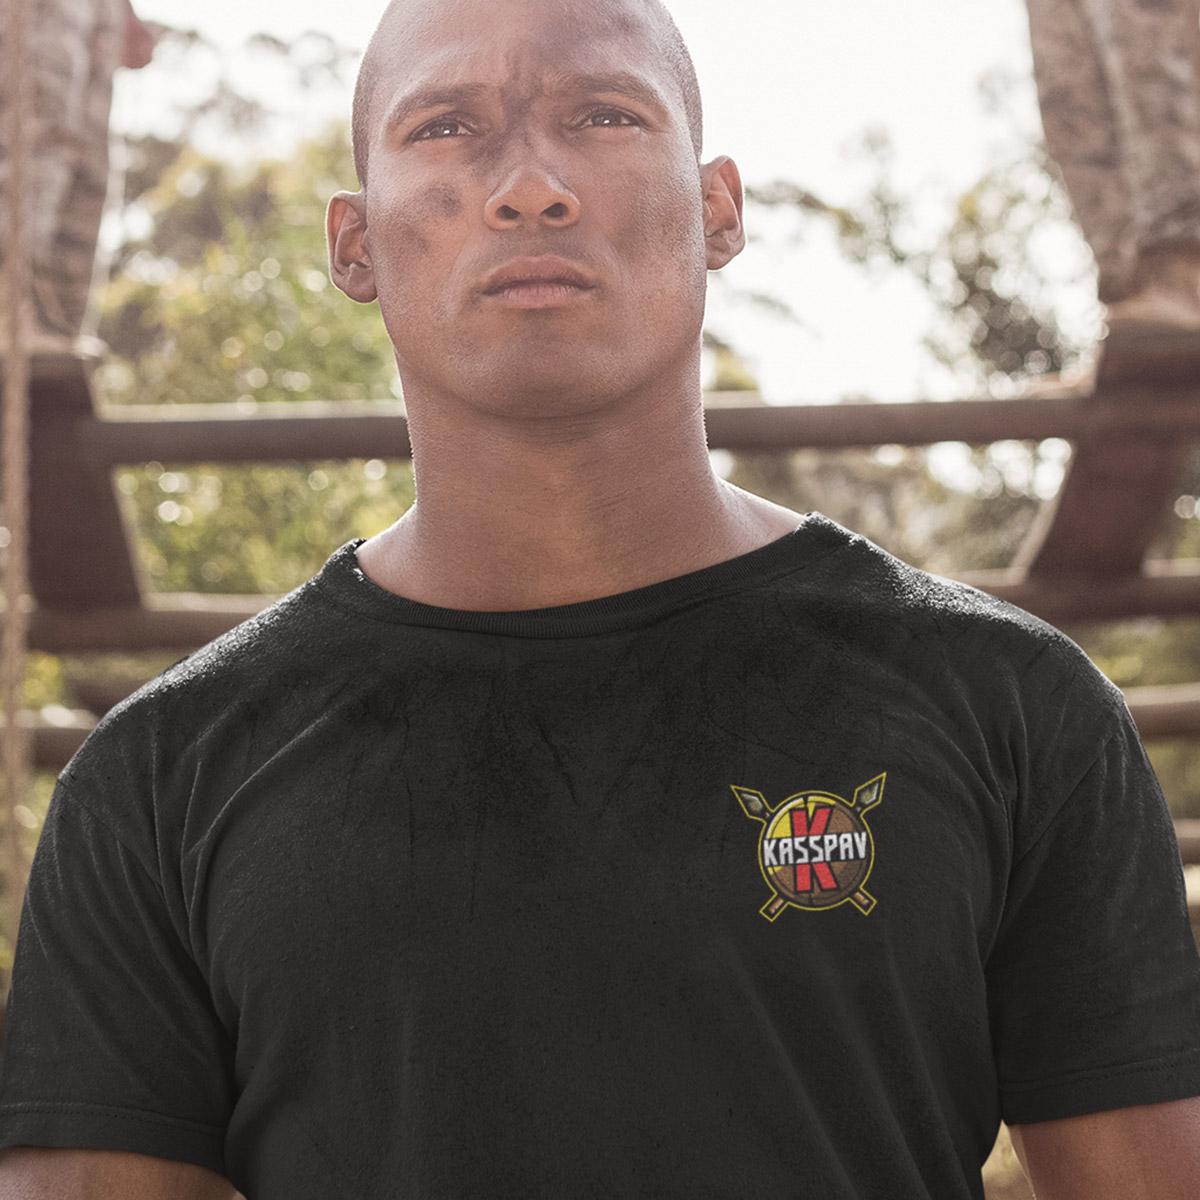 Kasspav-Shield-Crest-T-Shirt.jpg